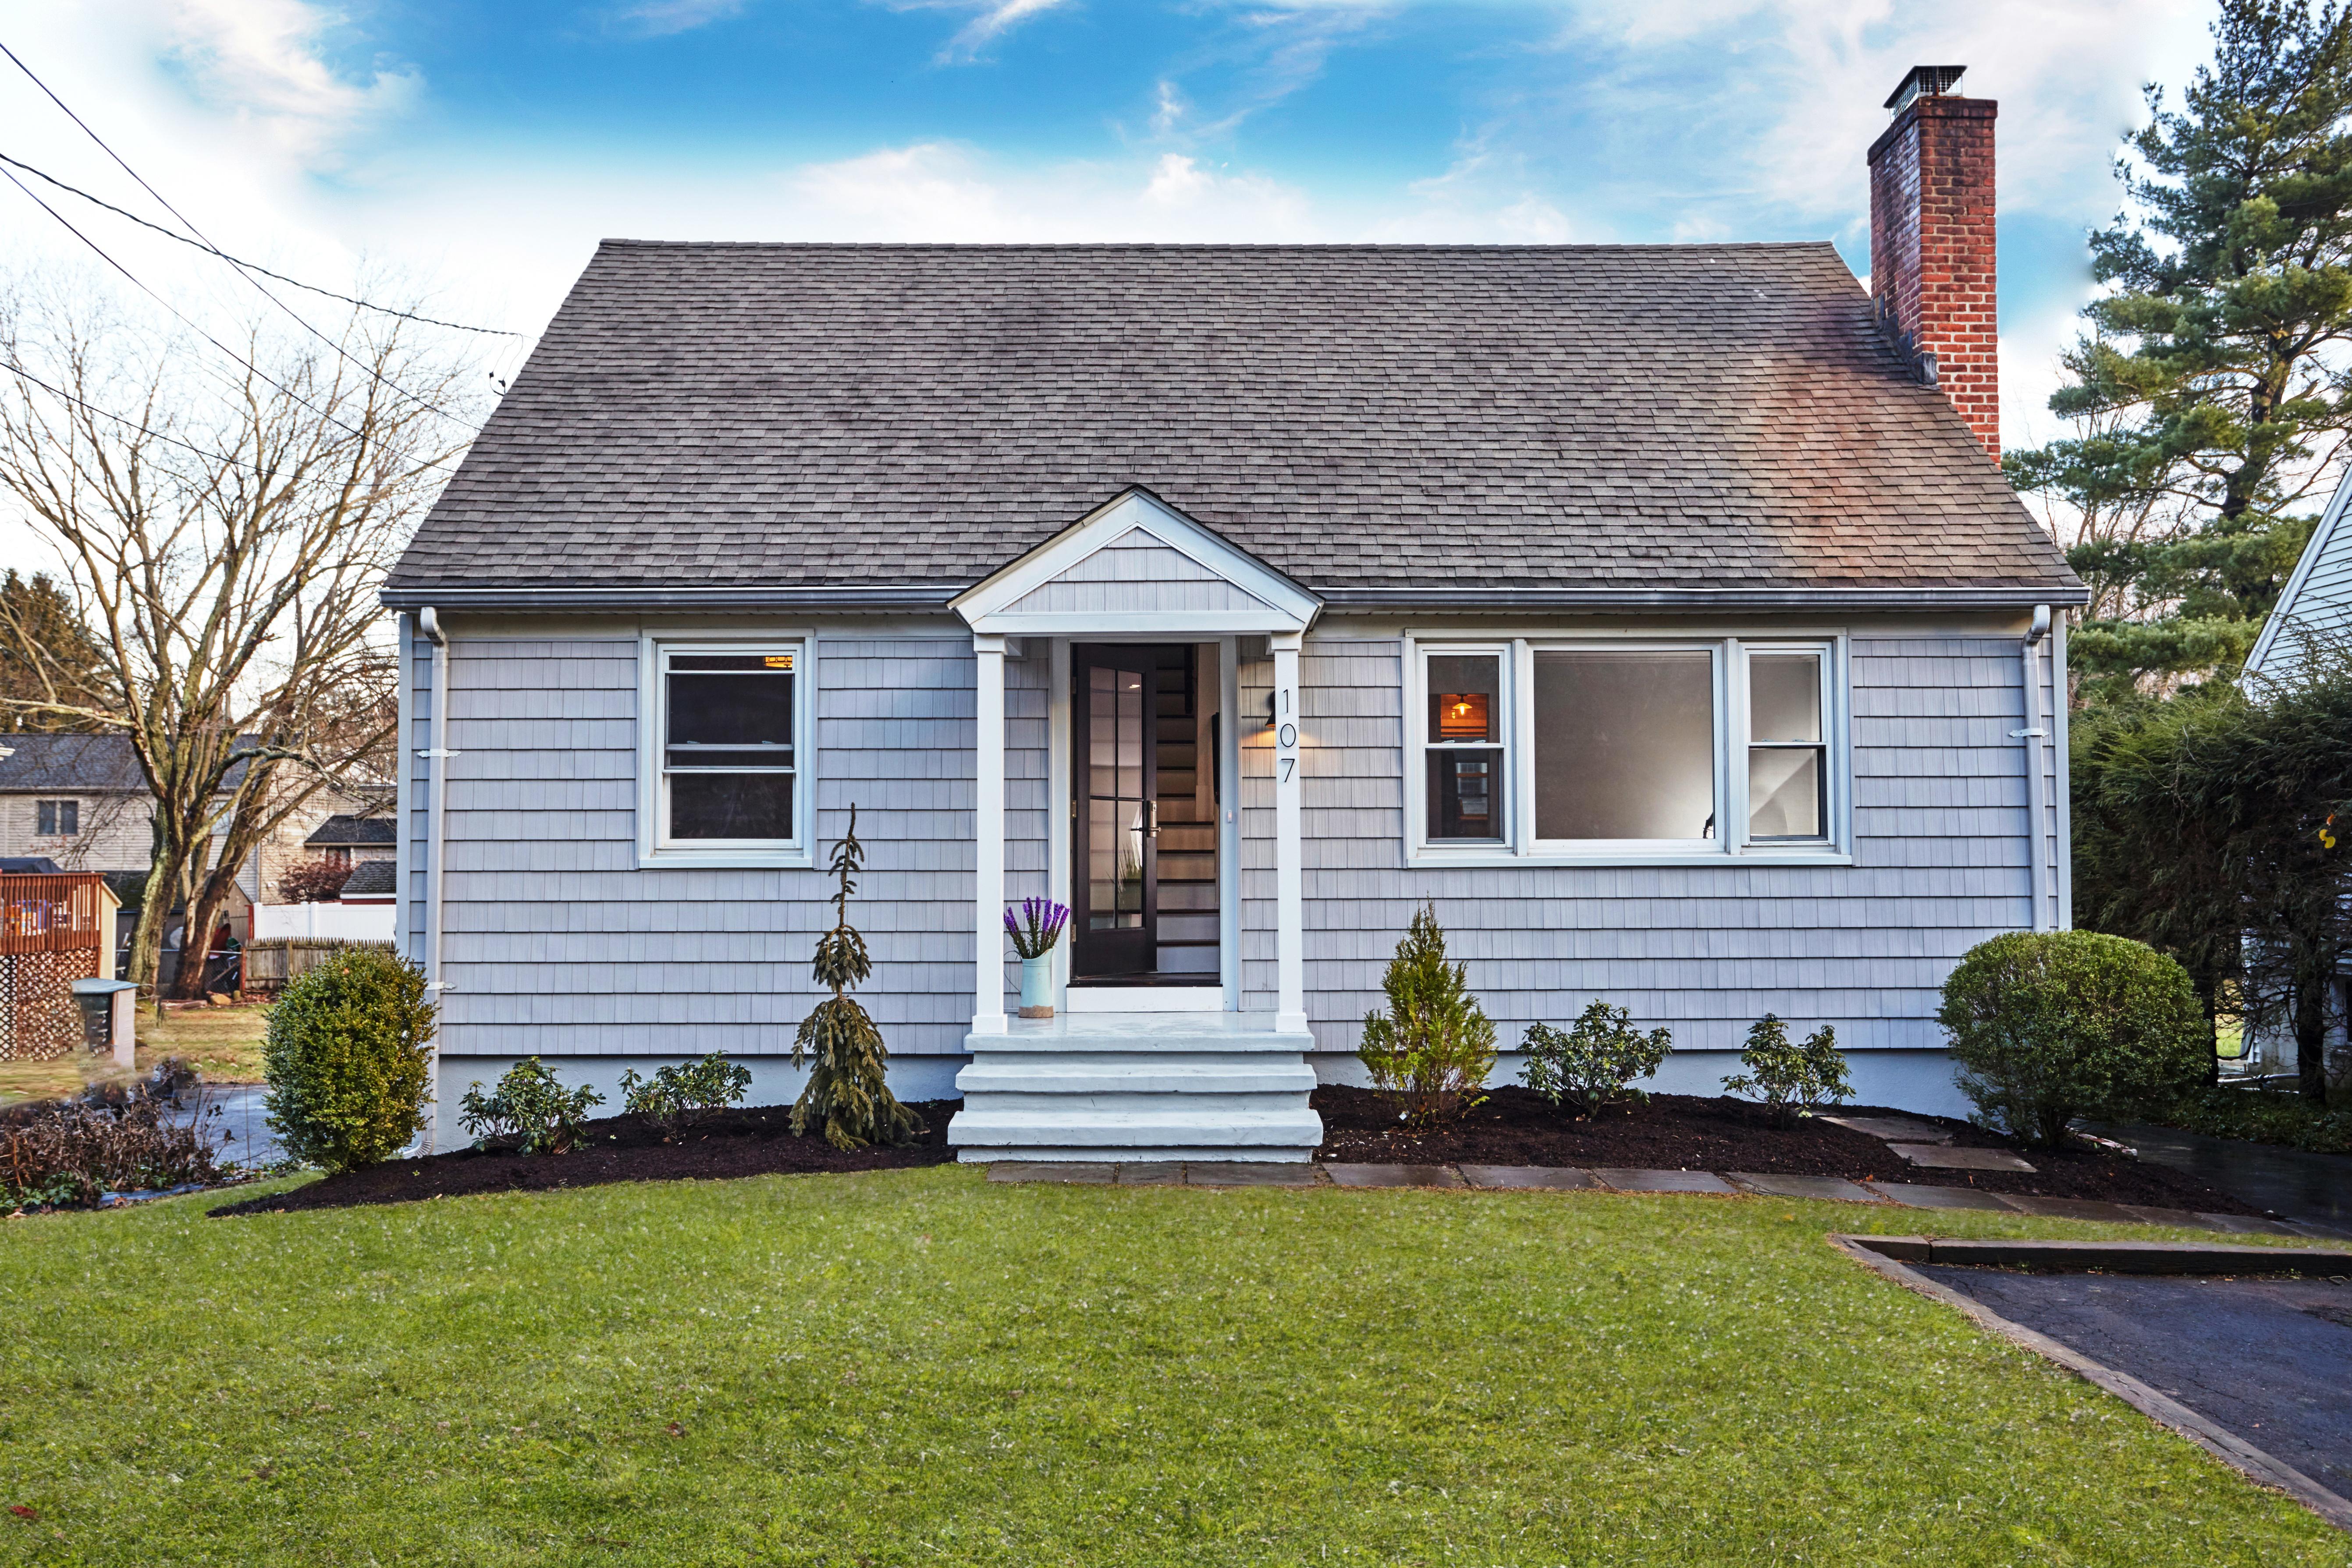 独户住宅 为 销售 在 107 Valley Road 韦斯特波特, 康涅狄格州, 06880 美国